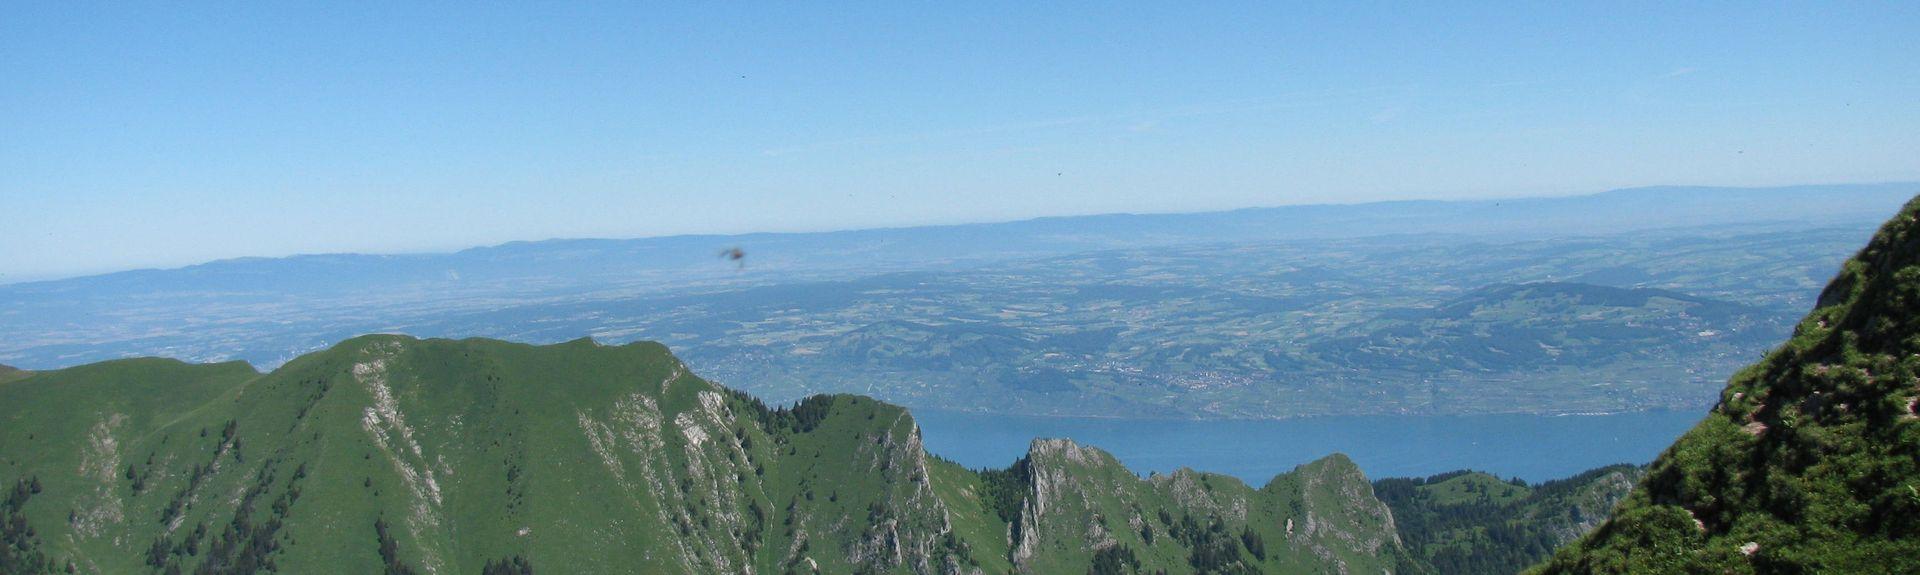 Cassino de Montreux, Montreux, Cantão de Vaud, Suíça